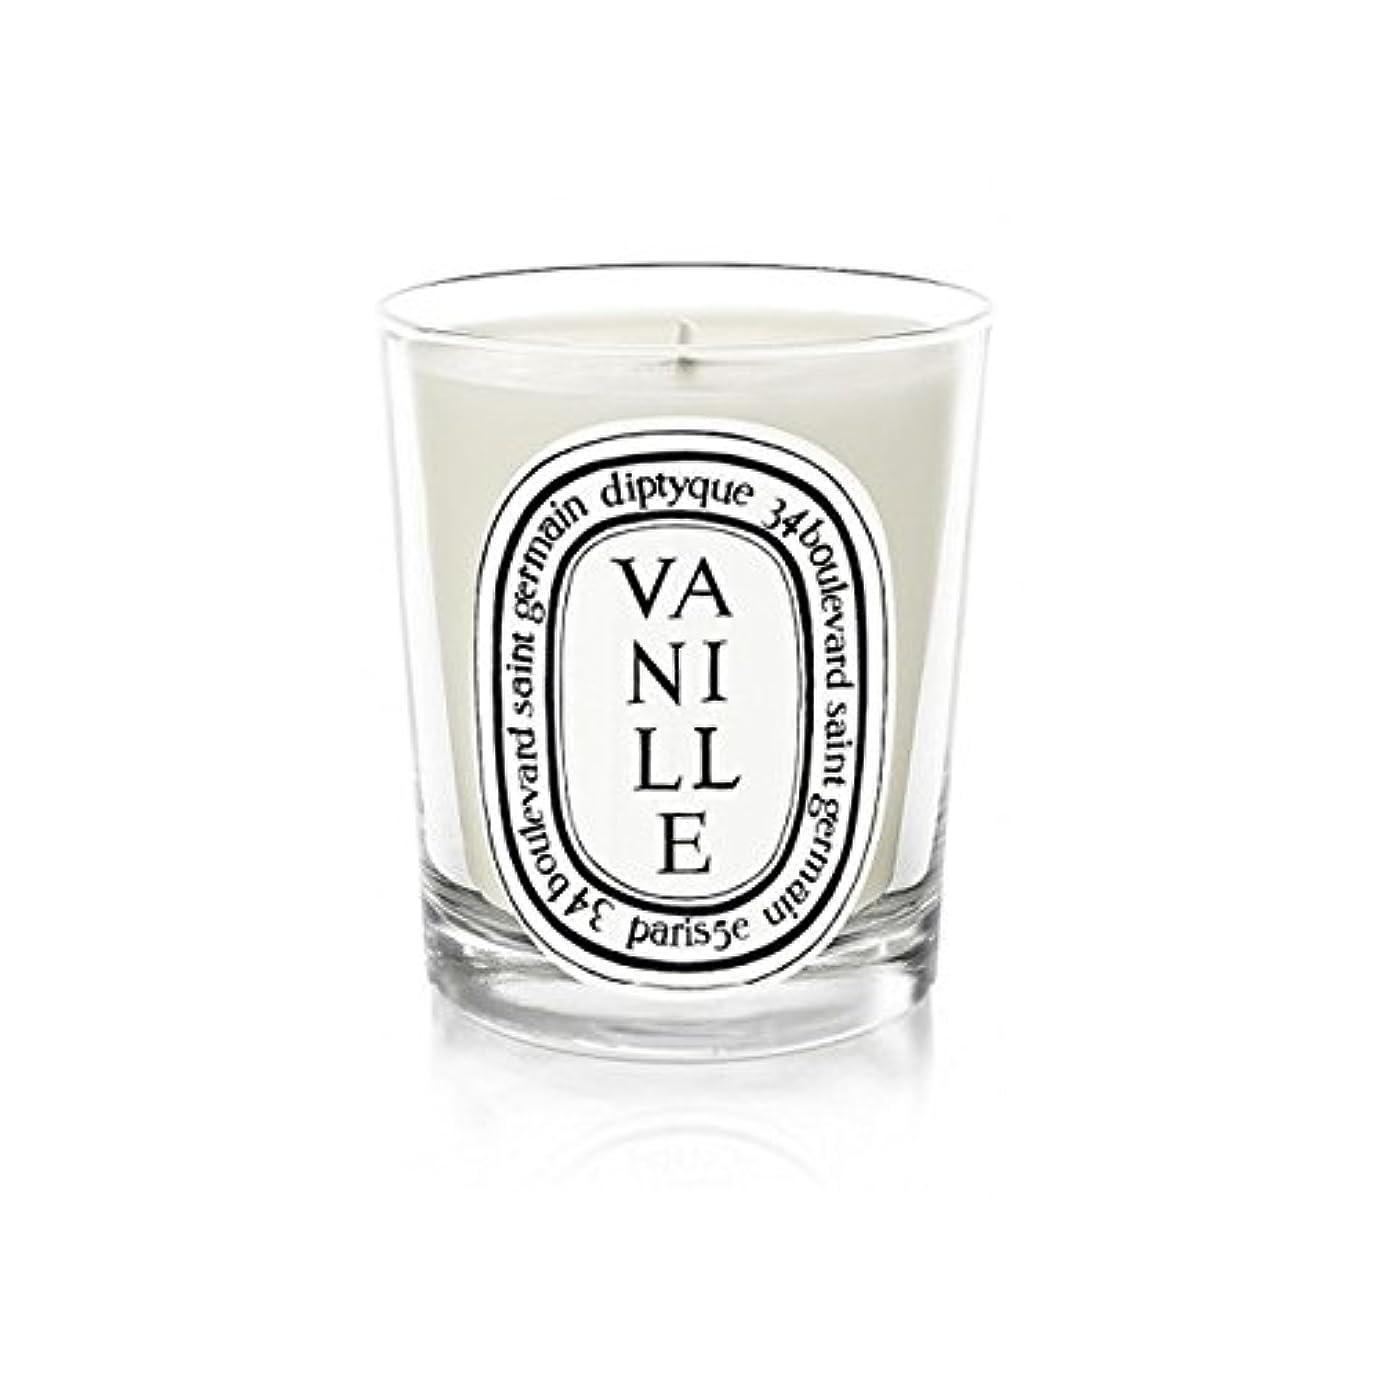 ミット手順フレアDiptyqueキャンドルバニラの70グラム - Diptyque Candle Vanille 70g (Diptyque) [並行輸入品]